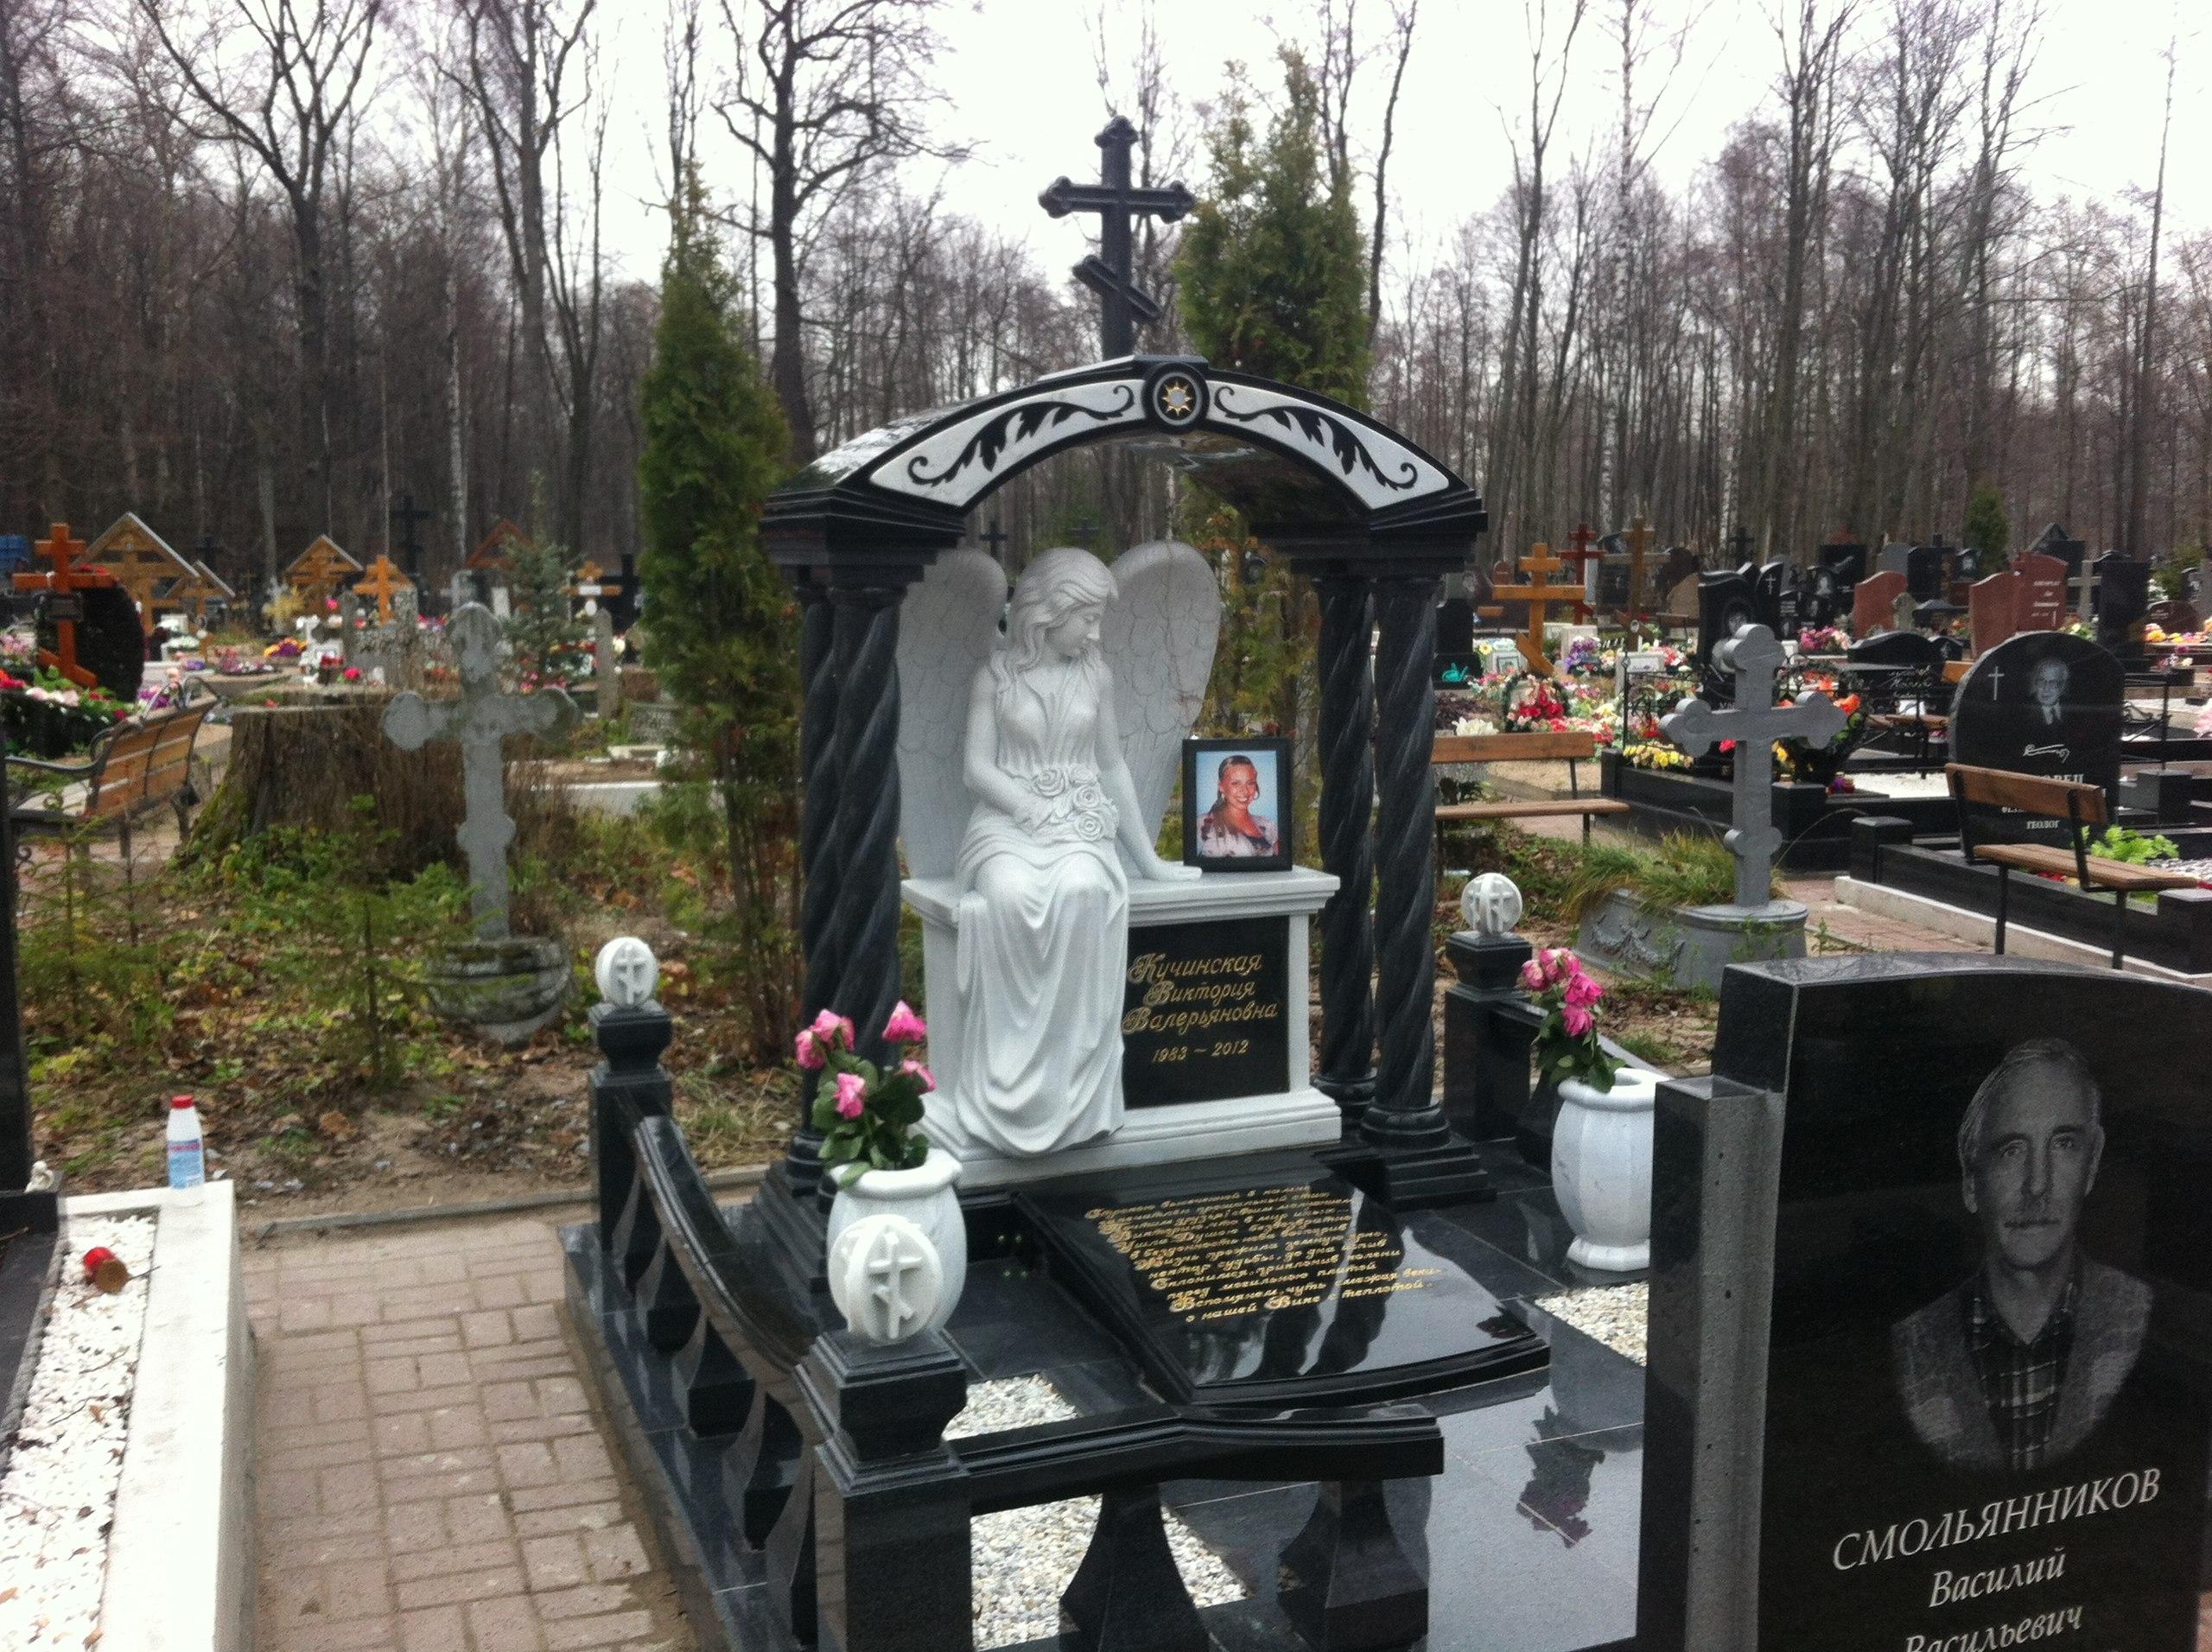 Где заказать памятник на могилу ульяновск недорогие памятники на могилу цены йошкар